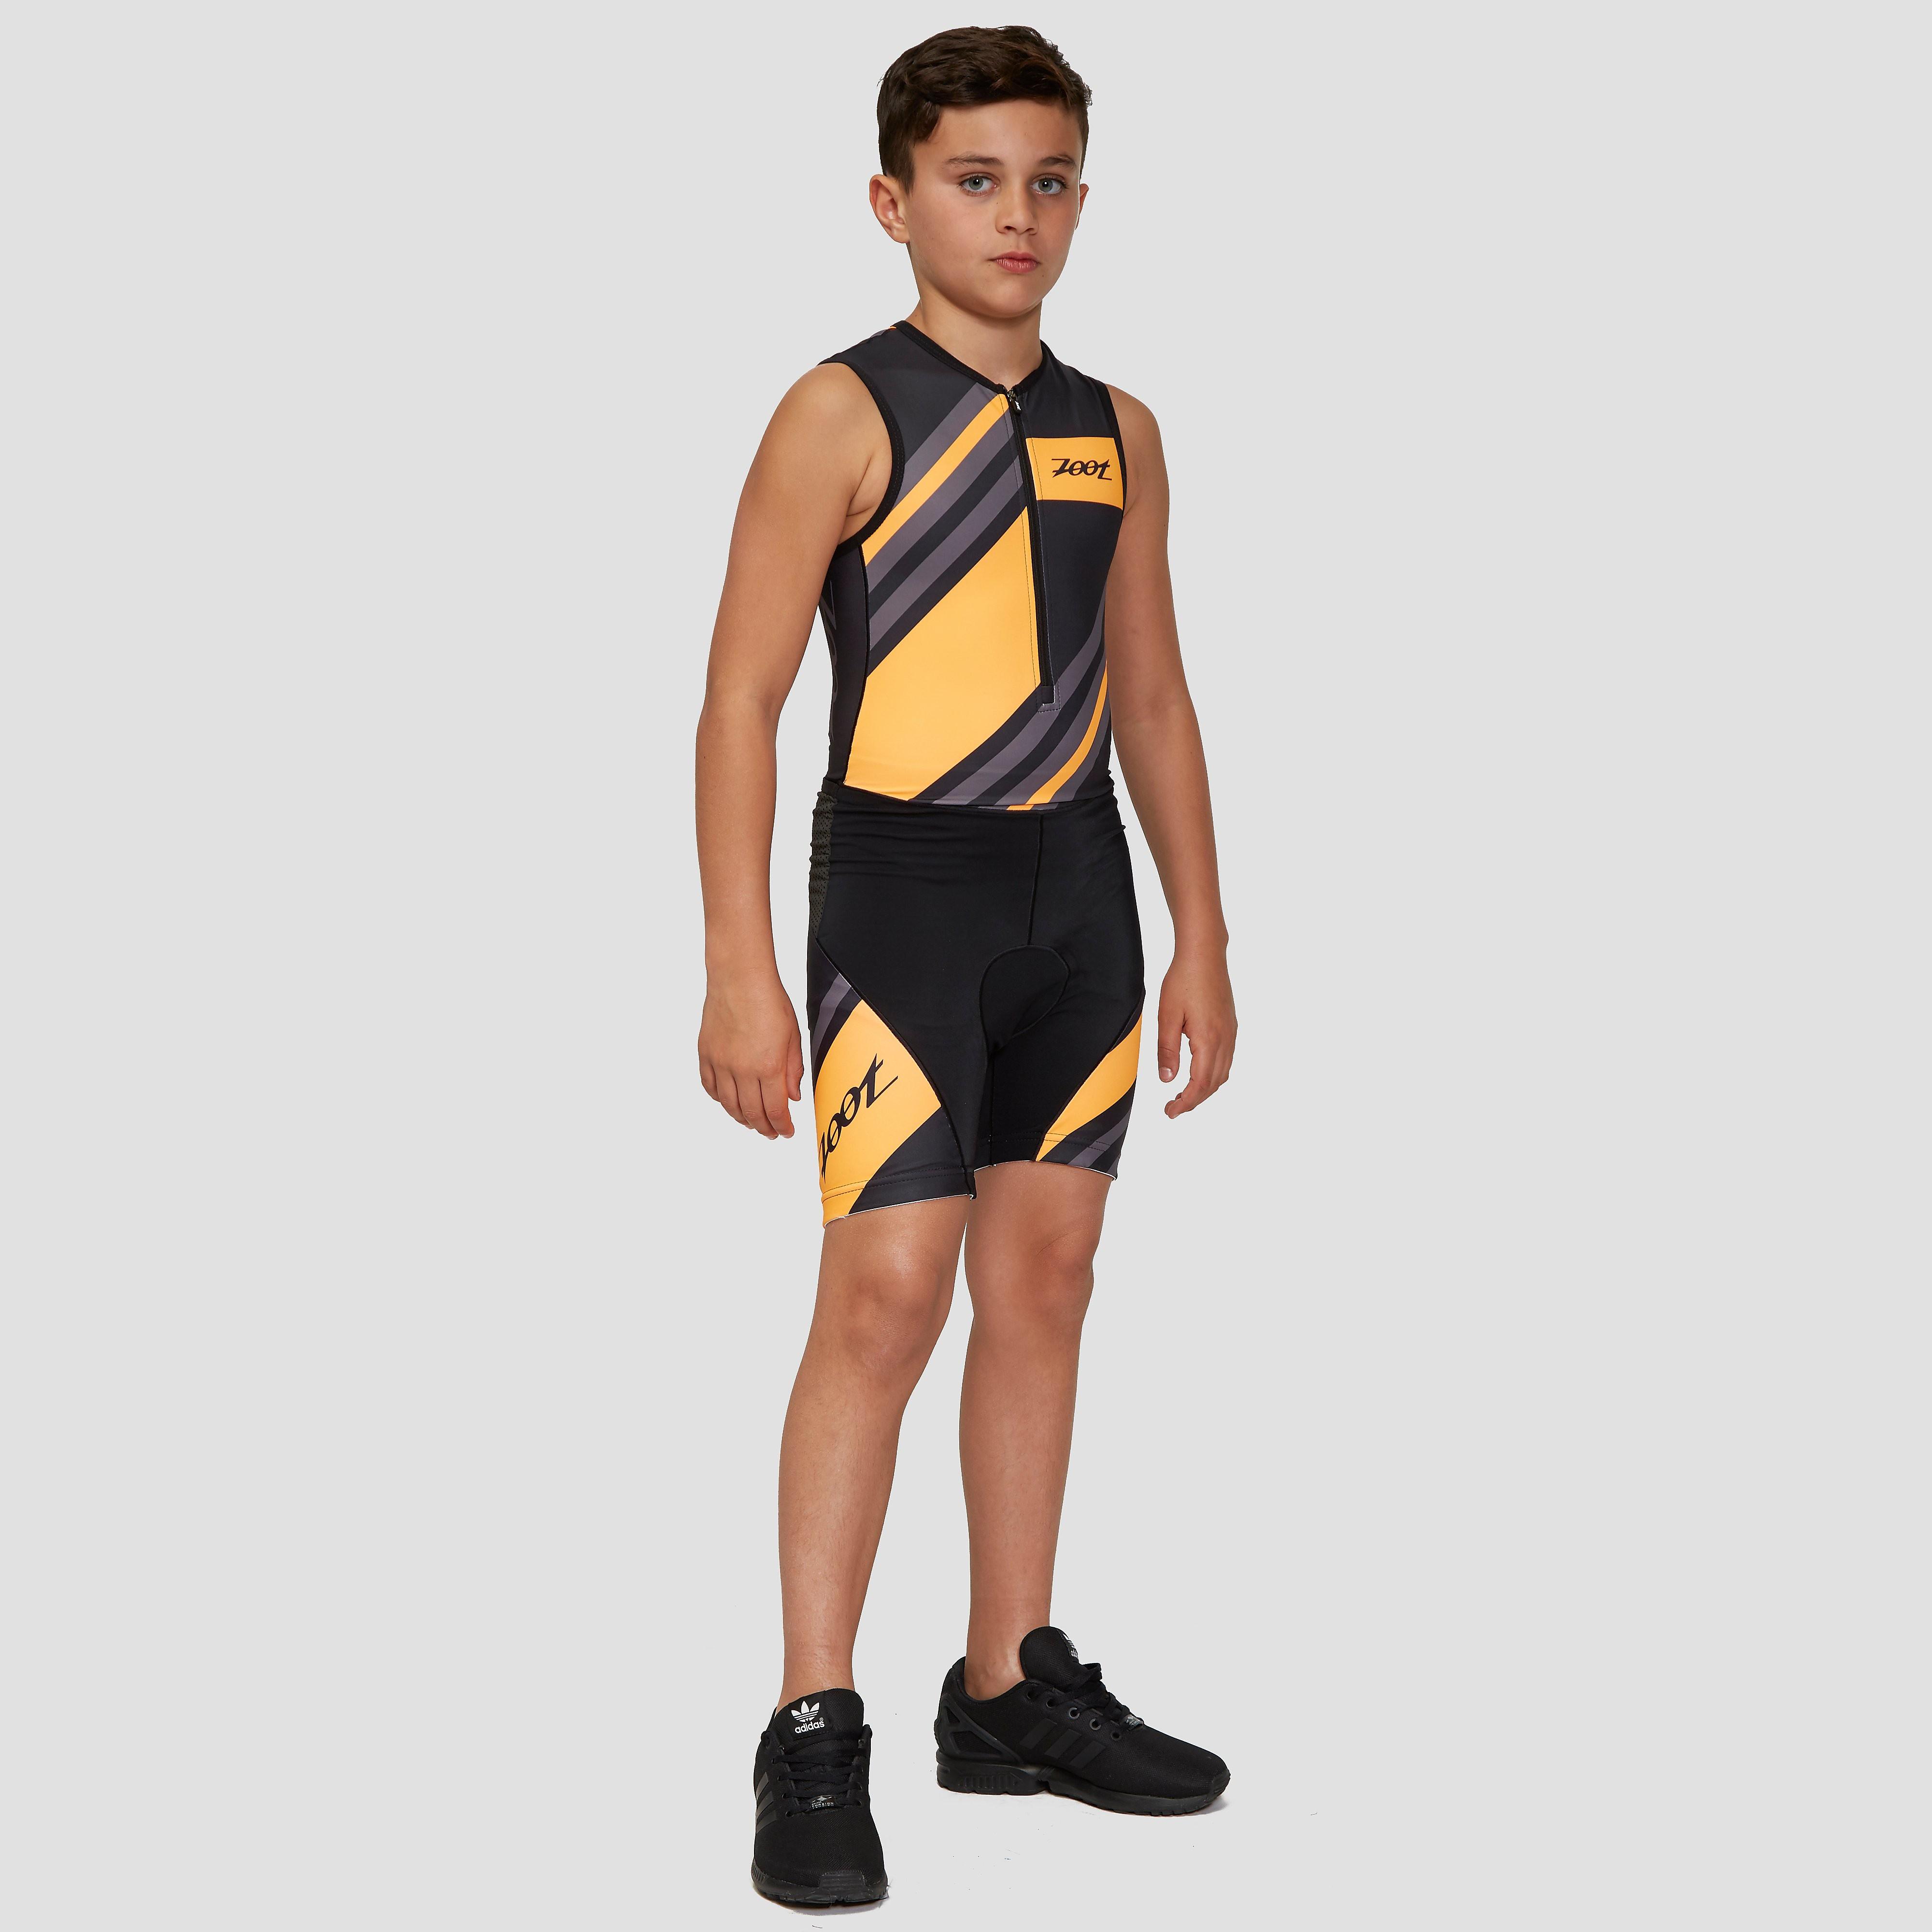 Zoot Protege Junior Tri Race Suit